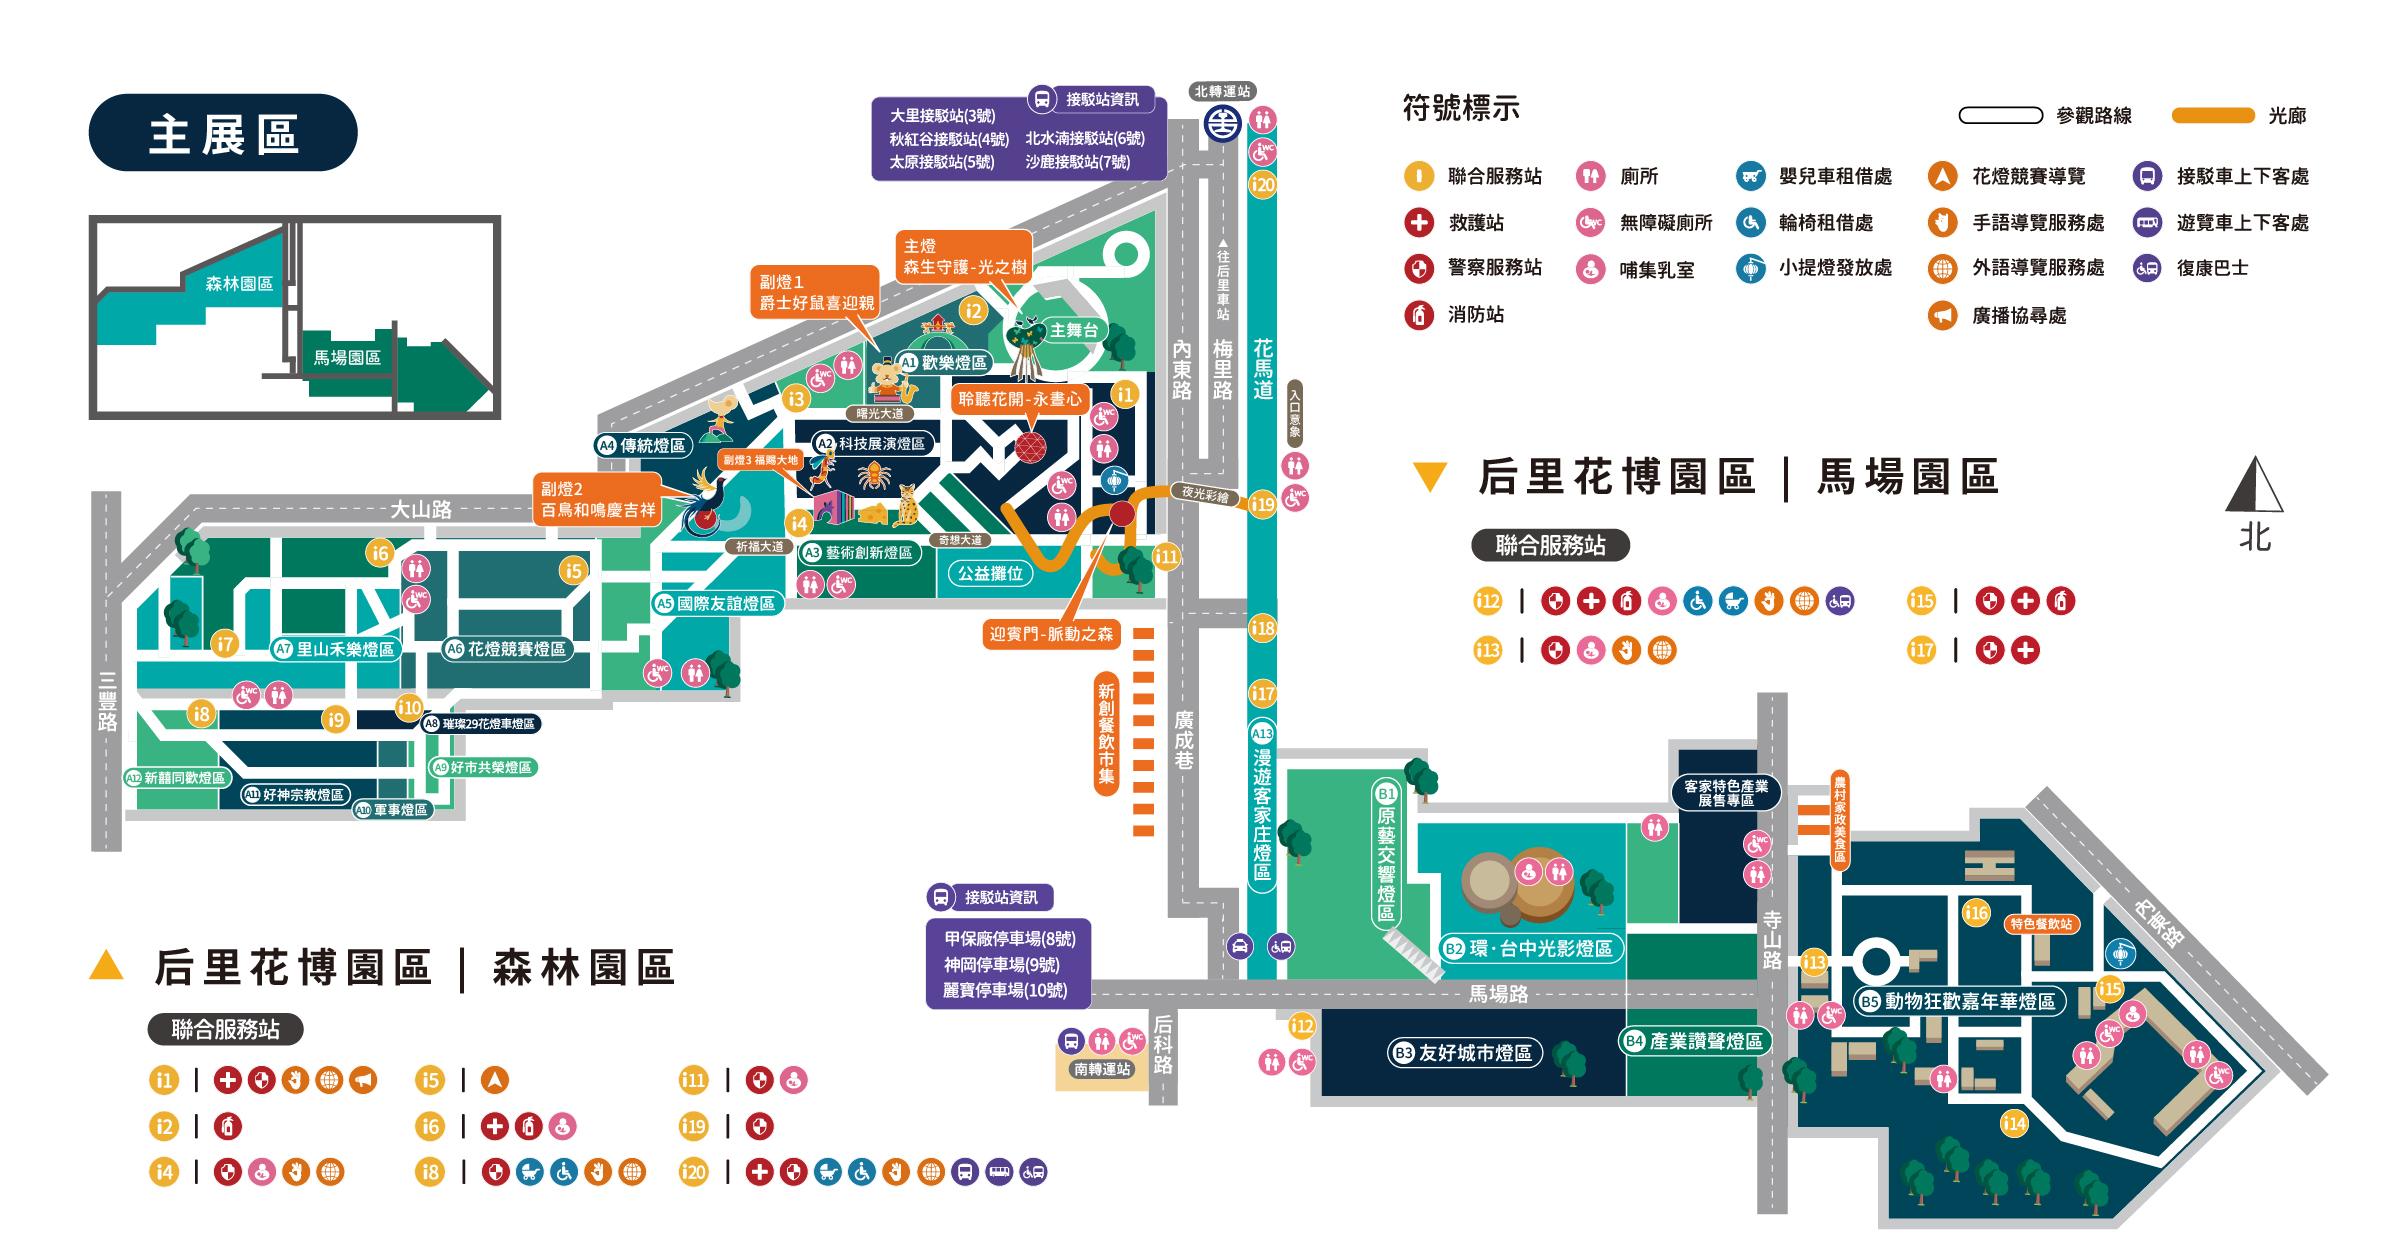 2020lantern-map